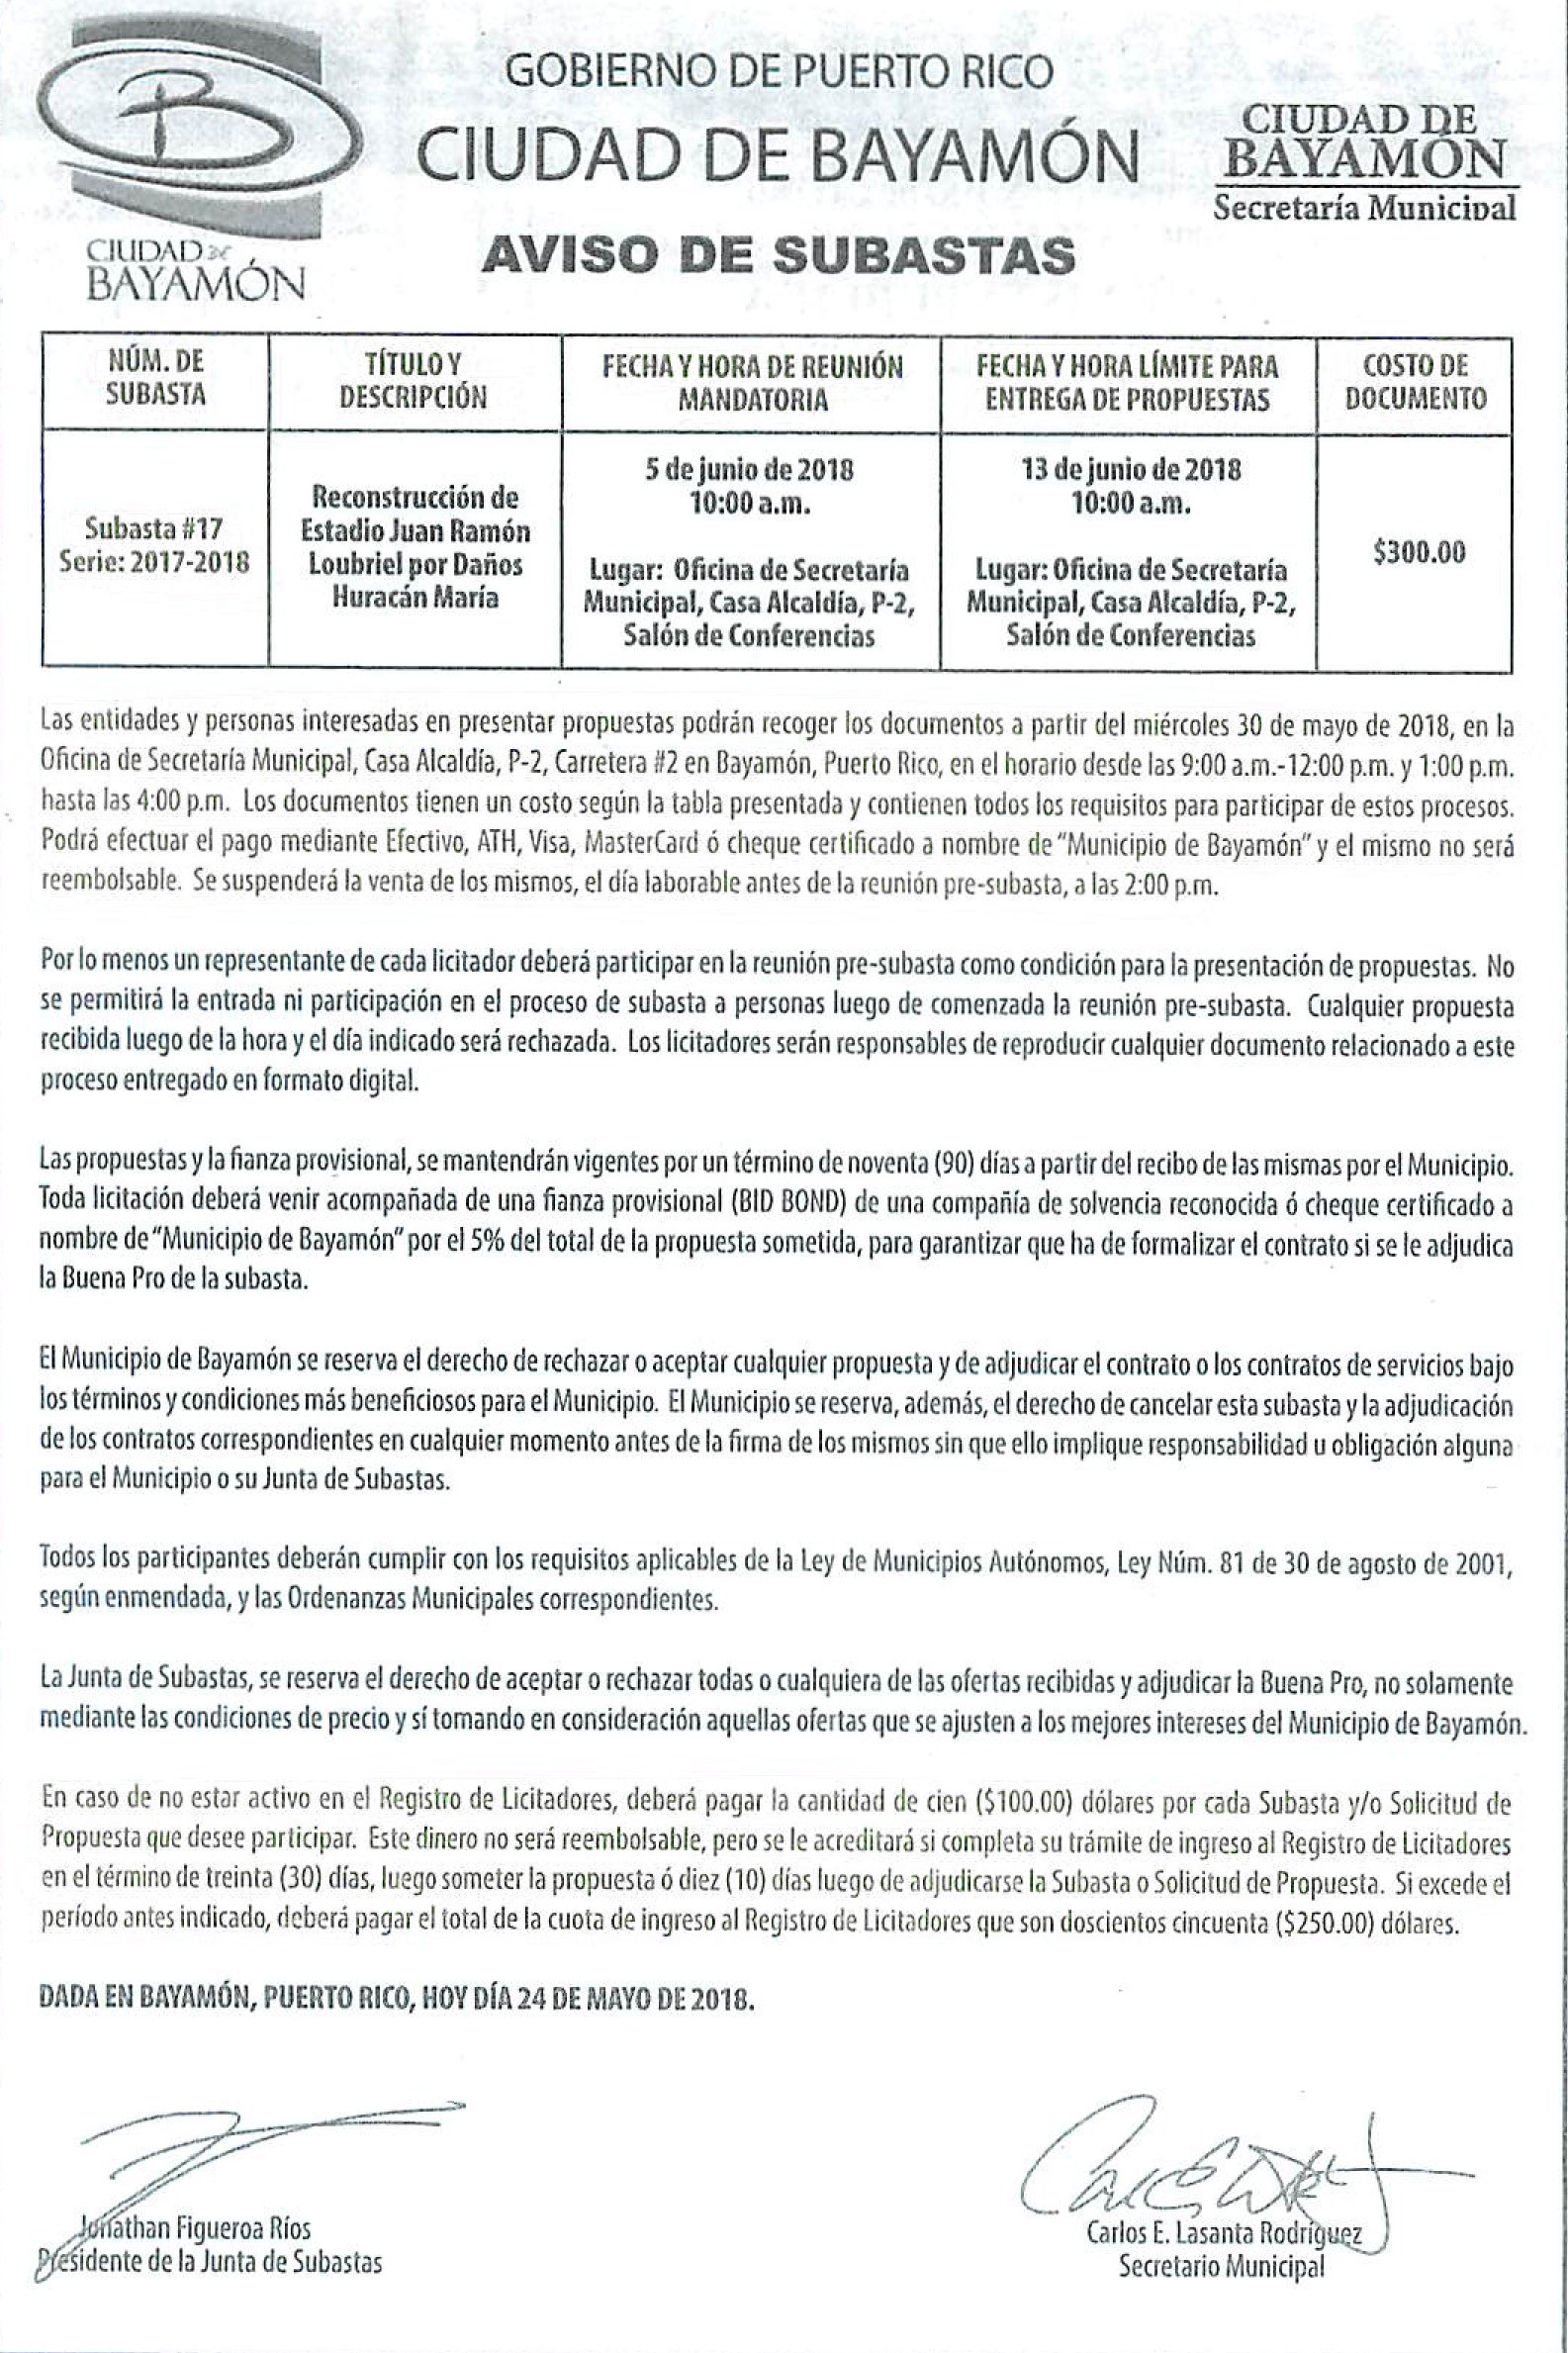 Calendario Escolar 2019 Puerto Rico Más Caliente Avisos Pºblicos Ciudad De Bayam³n Of Calendario Escolar 2019 Puerto Rico Más Recientes District News